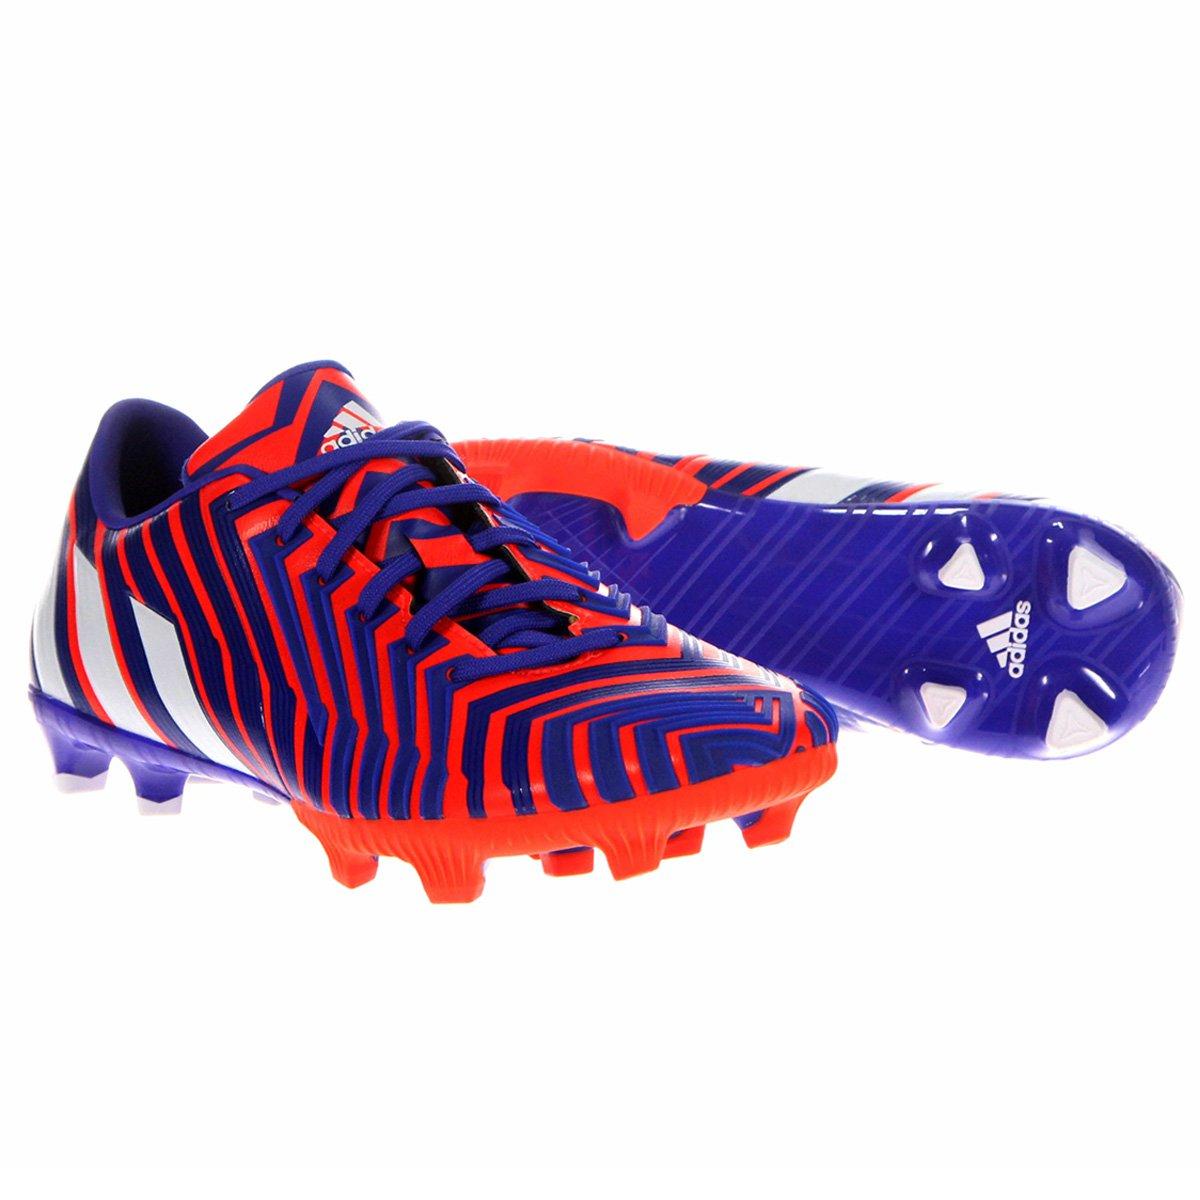 6f9cdd0508f3d Chuteira Adidas Absolion Instinct FG Campo - Compre Agora